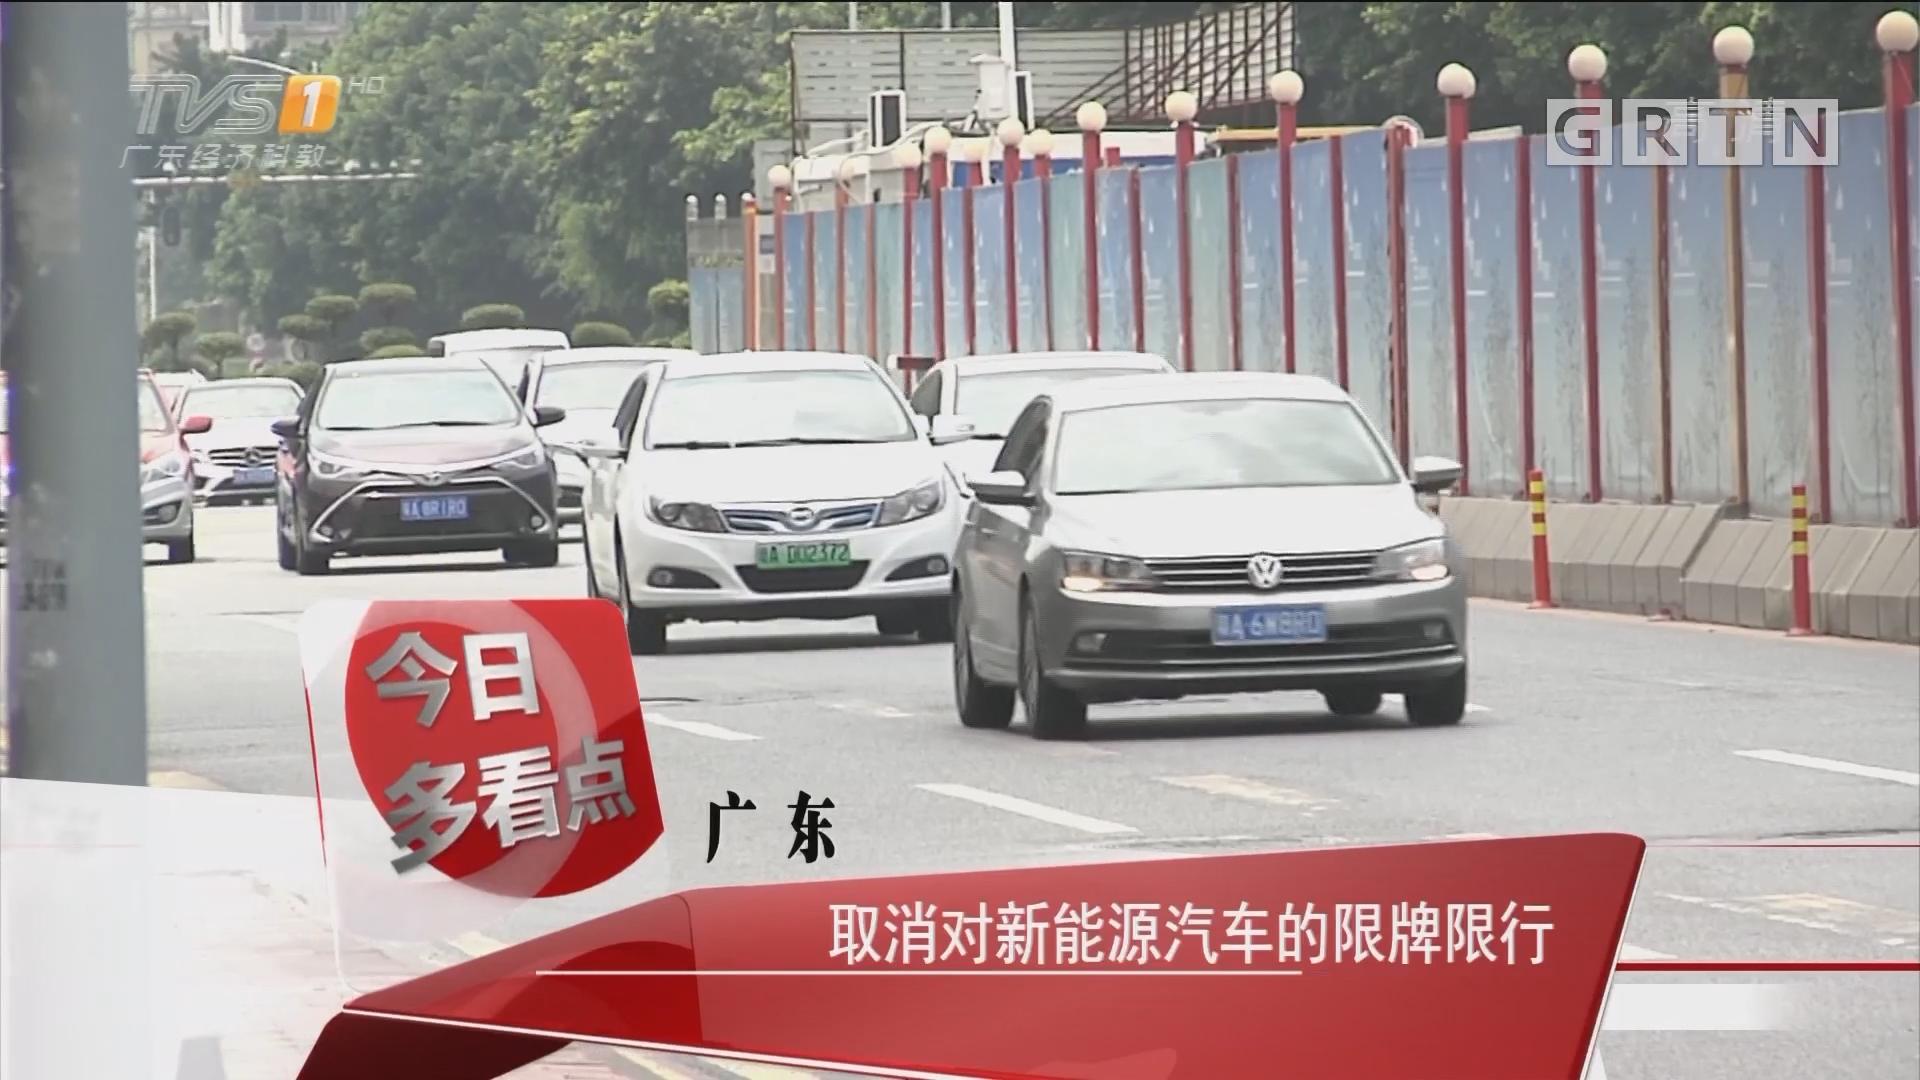 广东:取消对新能源汽车的限牌限行